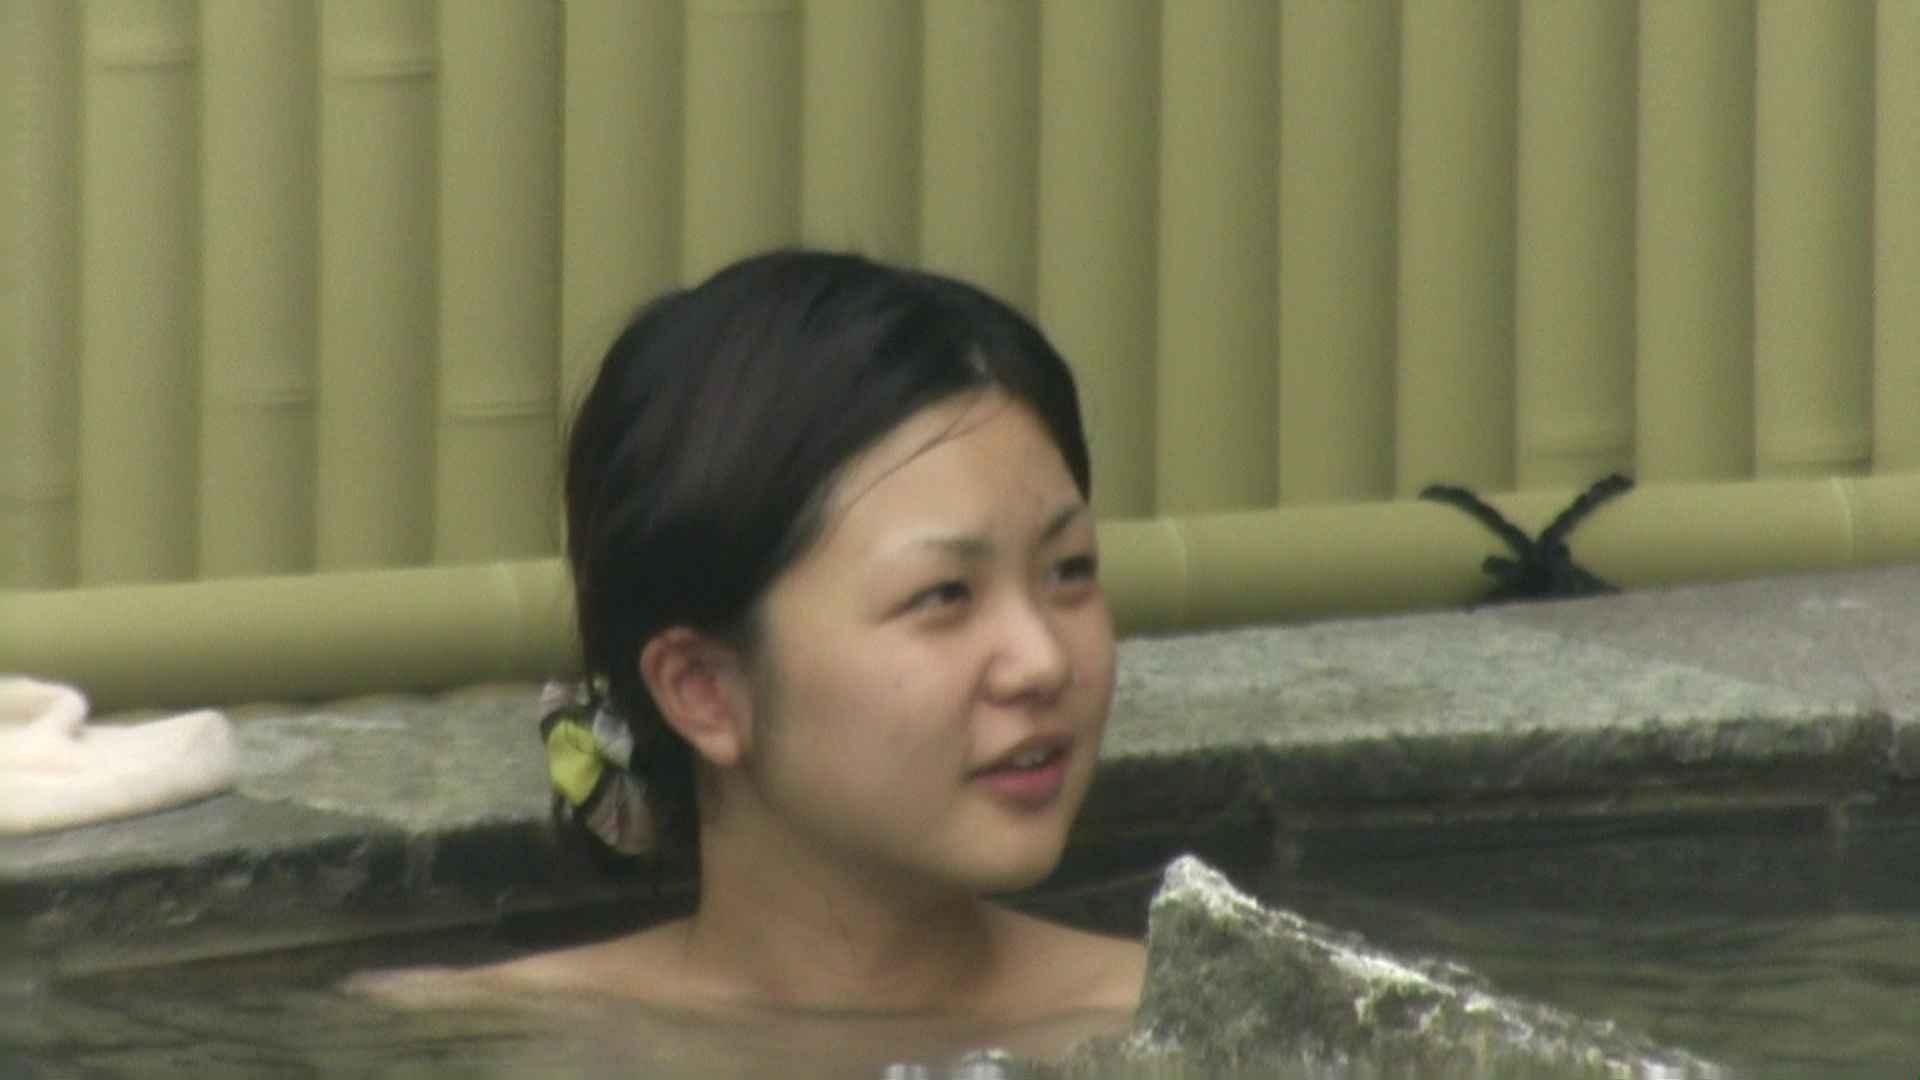 高画質露天女風呂観察 vol.032 ギャル入浴 SEX無修正画像 101連発 33